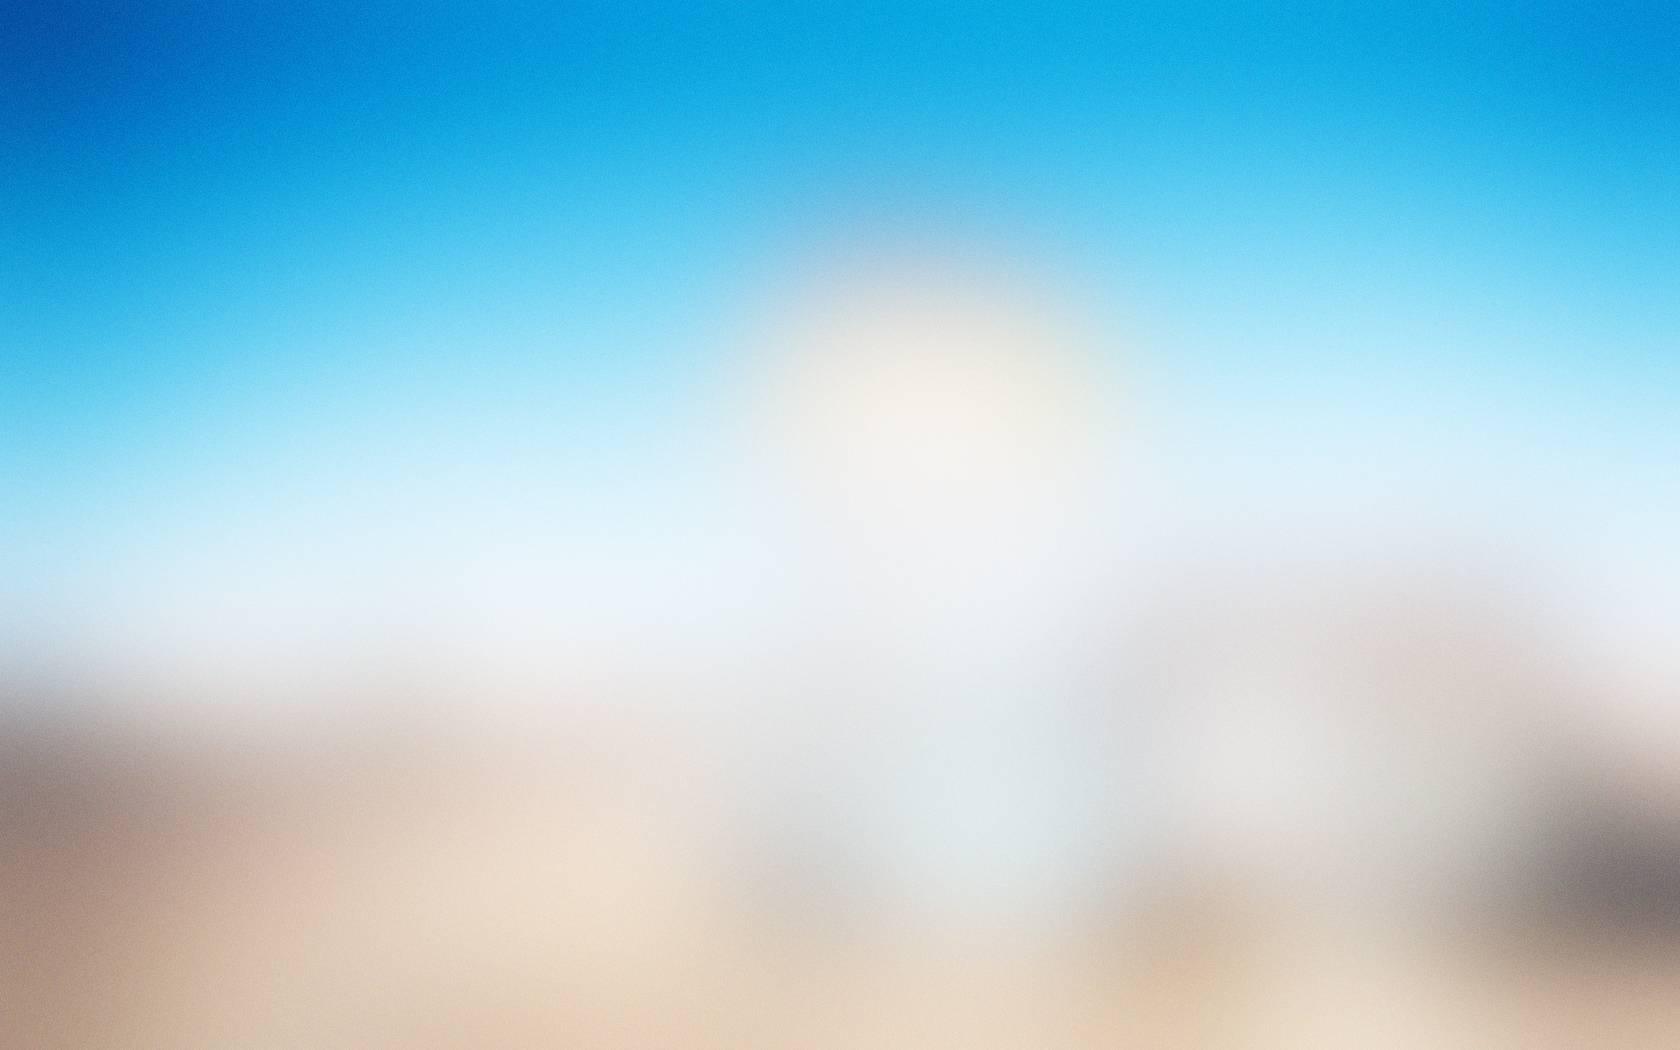 macbook retina wallpapers chainsmokers - photo #19